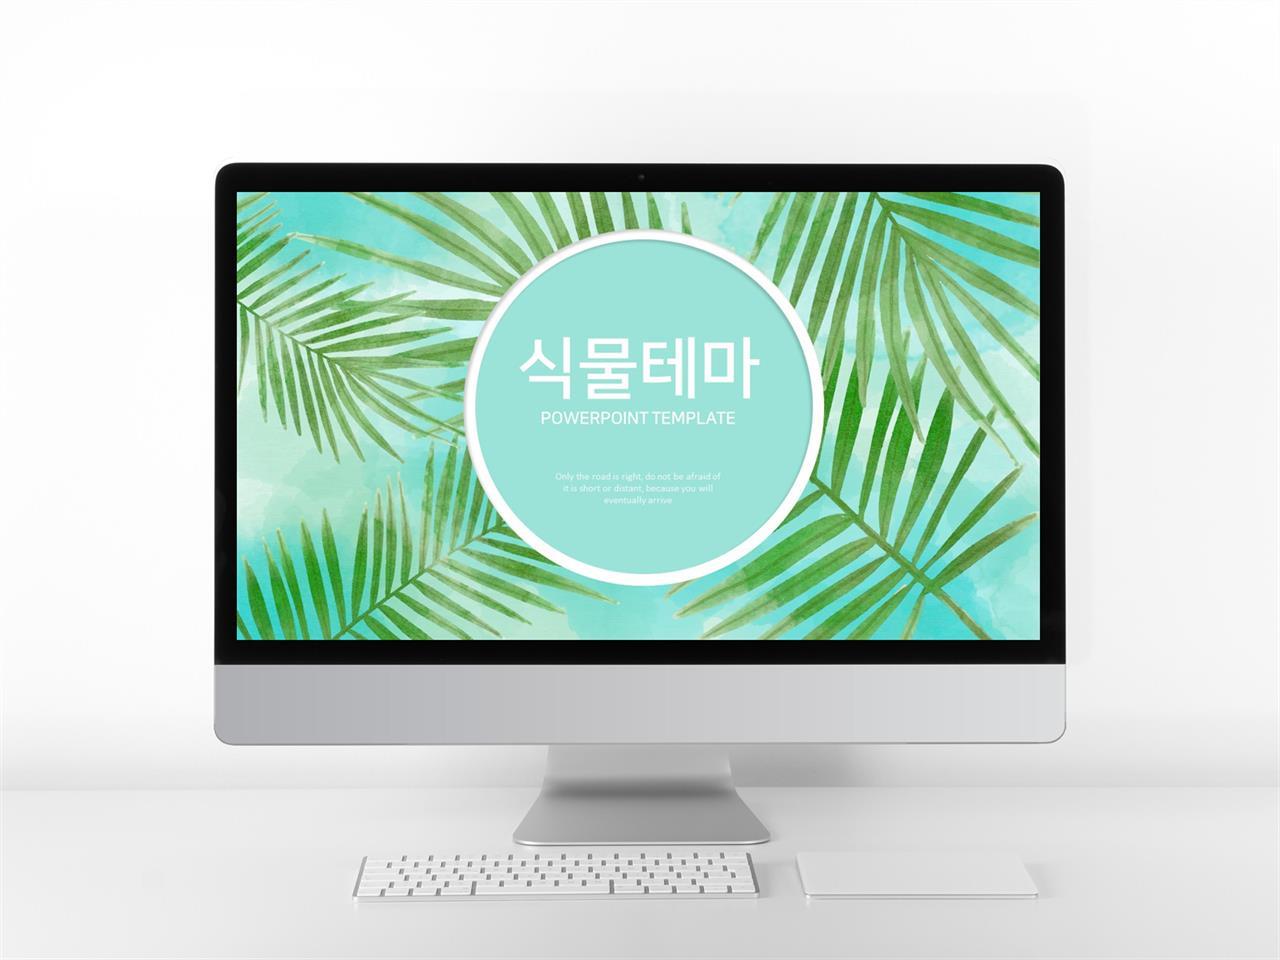 꽃과 동식물 주제 초록색 수채화 고급스럽운 PPT양식 사이트 미리보기